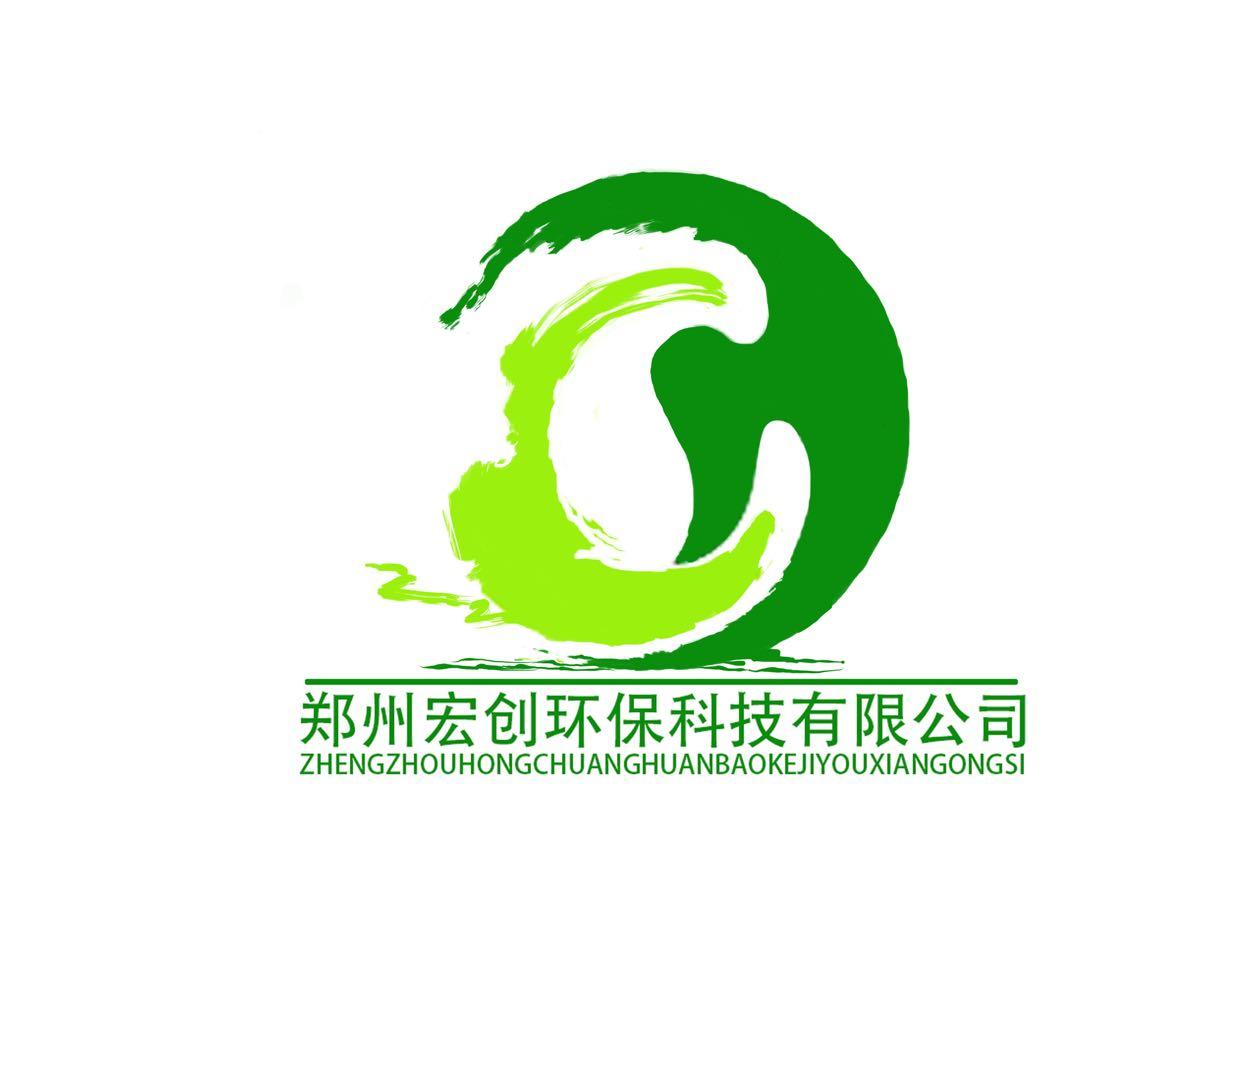 郑州宏创环保科技有限公司